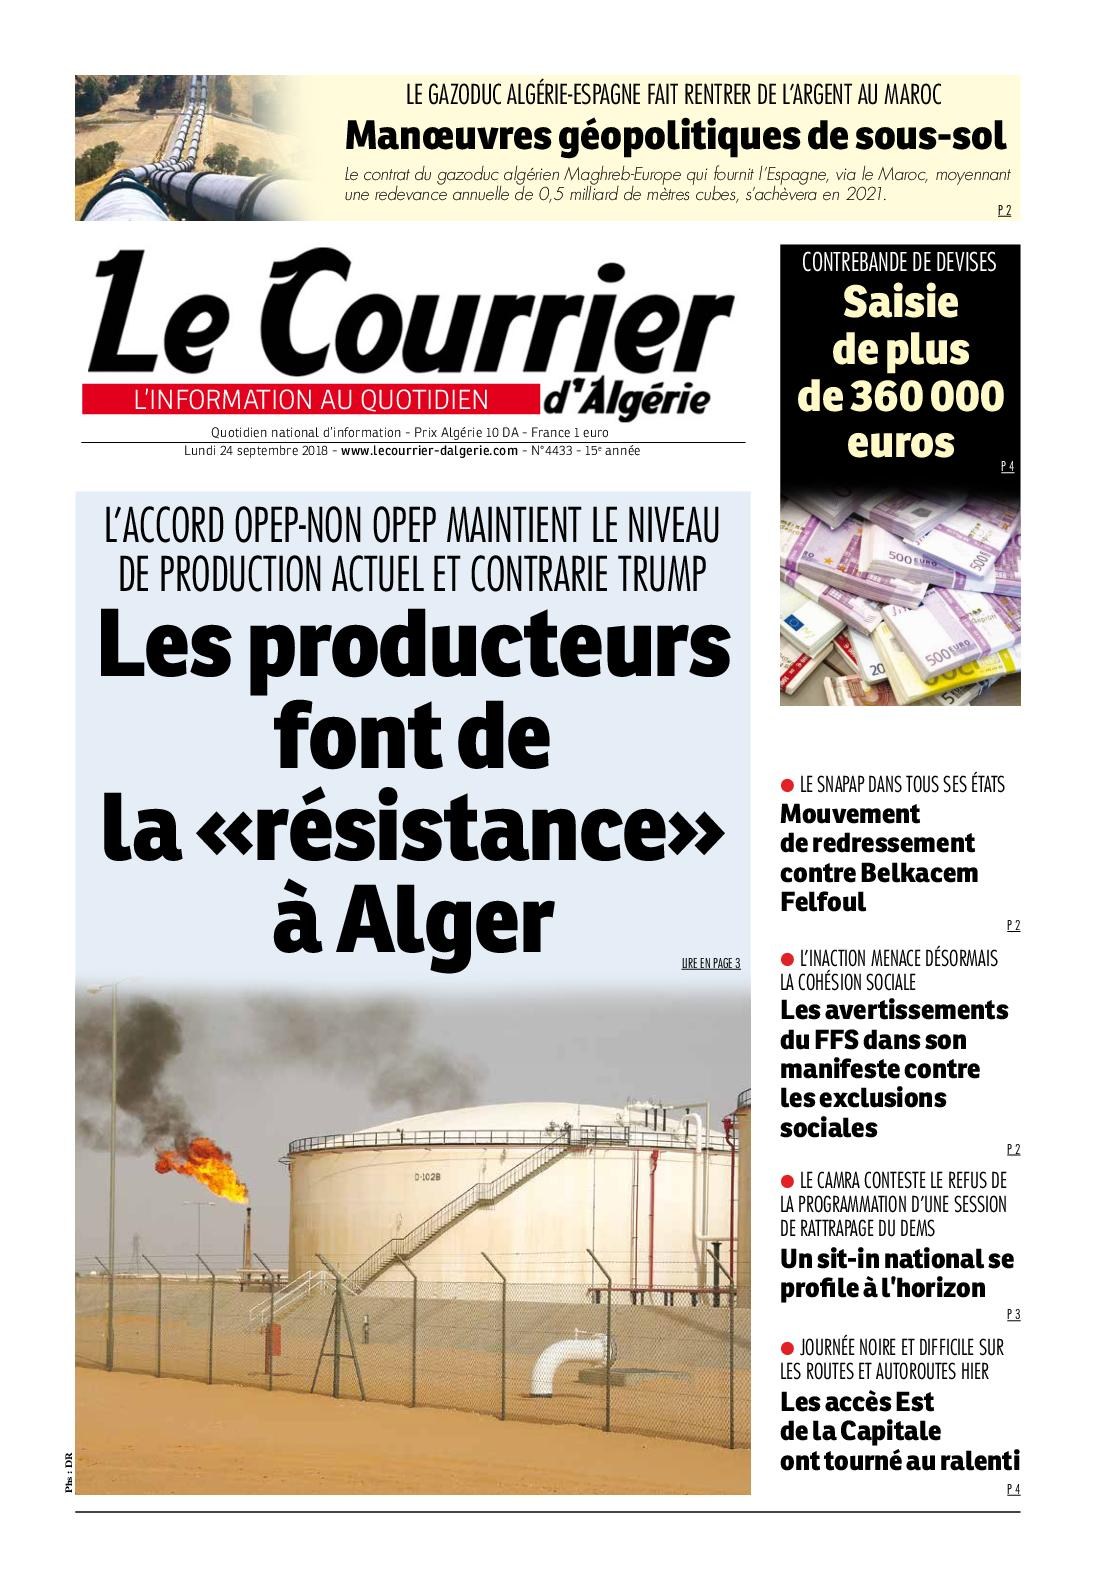 Le Courrier d'Algérie du lundi 24 septembre 2018